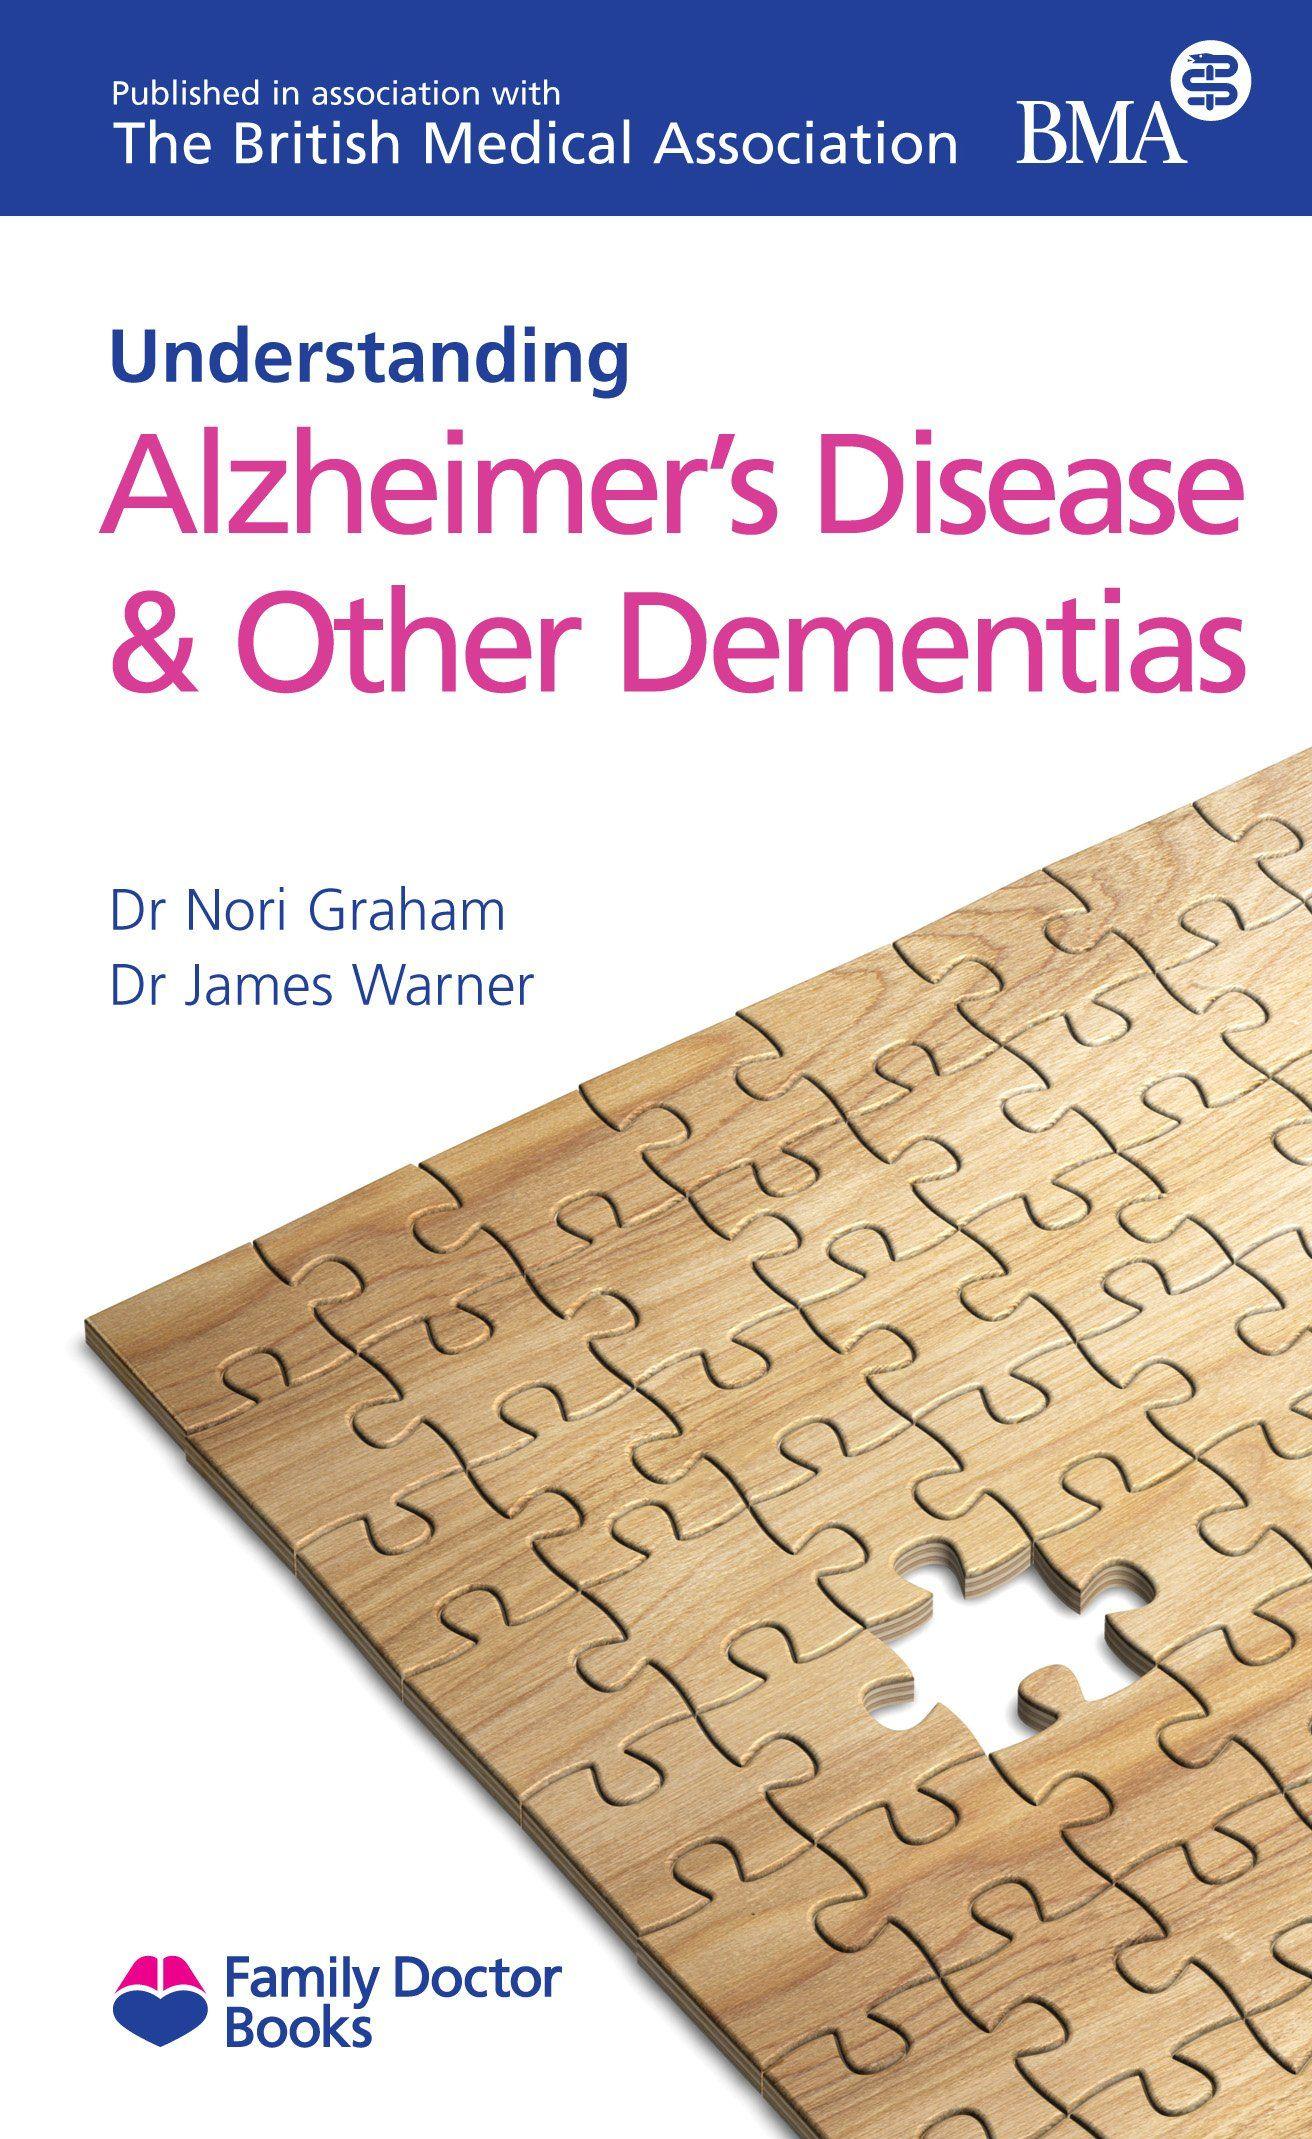 Park Art My WordPress Blog_Online Books About Alzheimers Disease